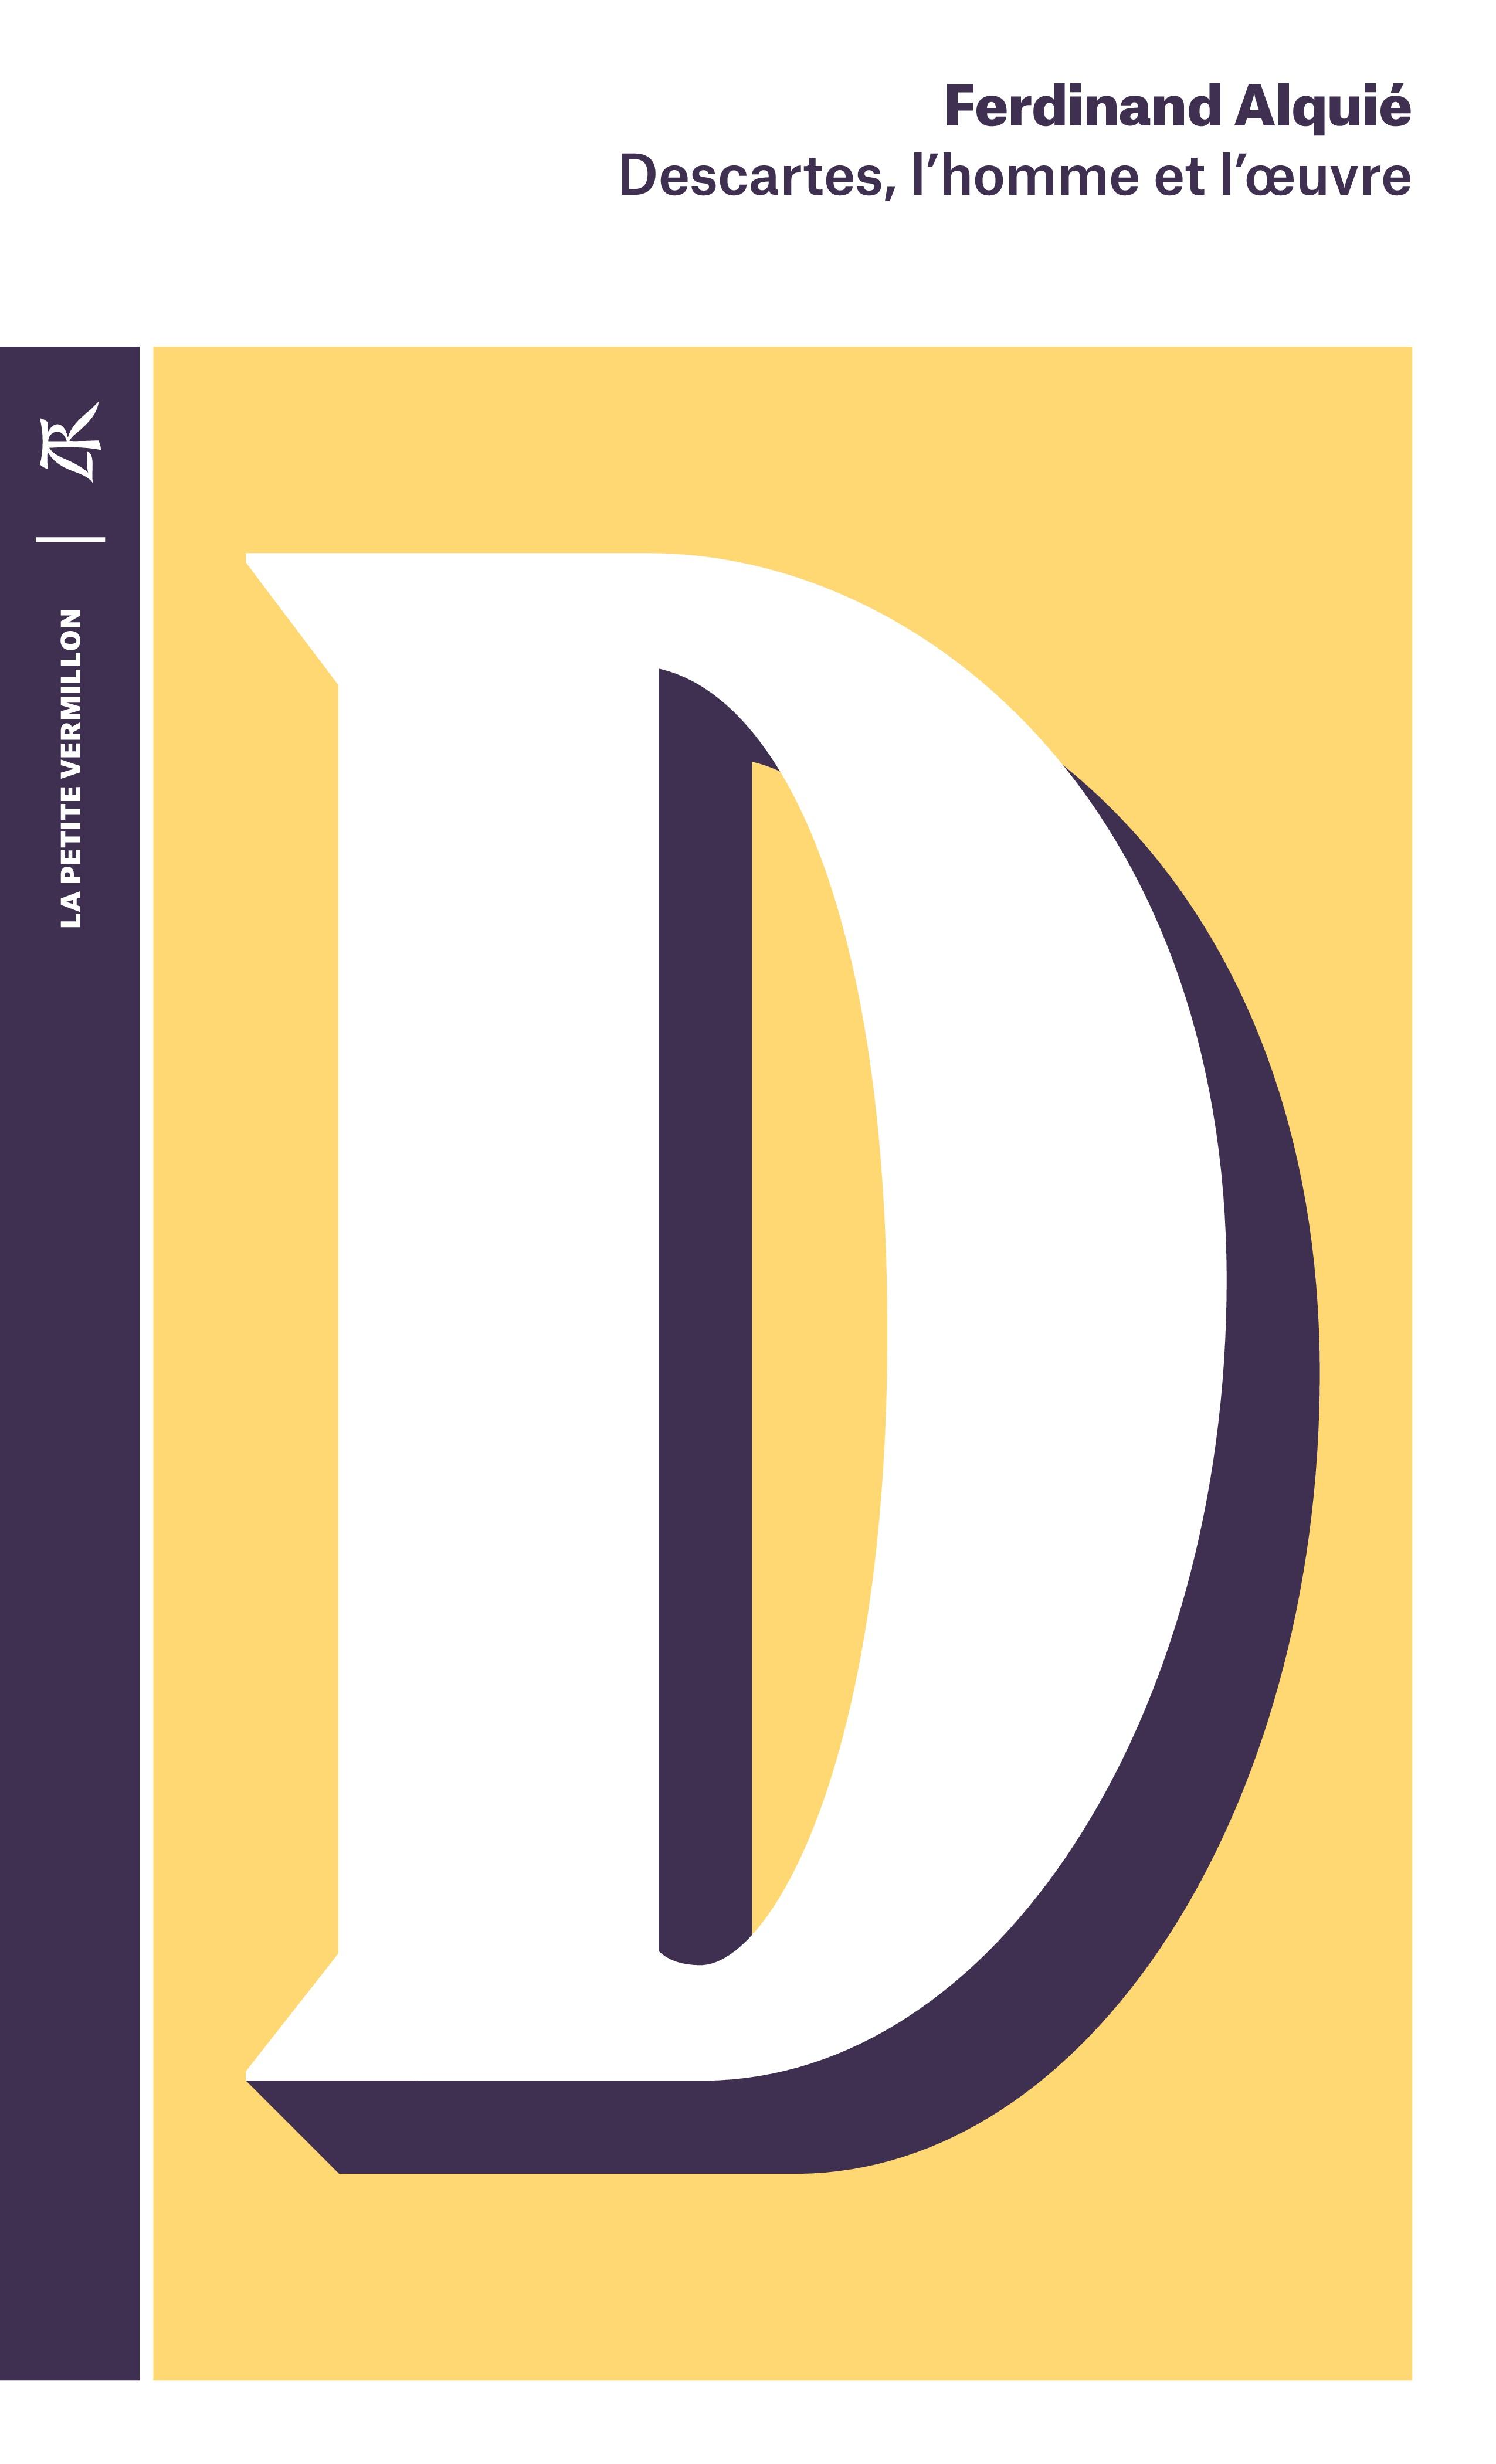 Descartes, l'homme et l'œuvre